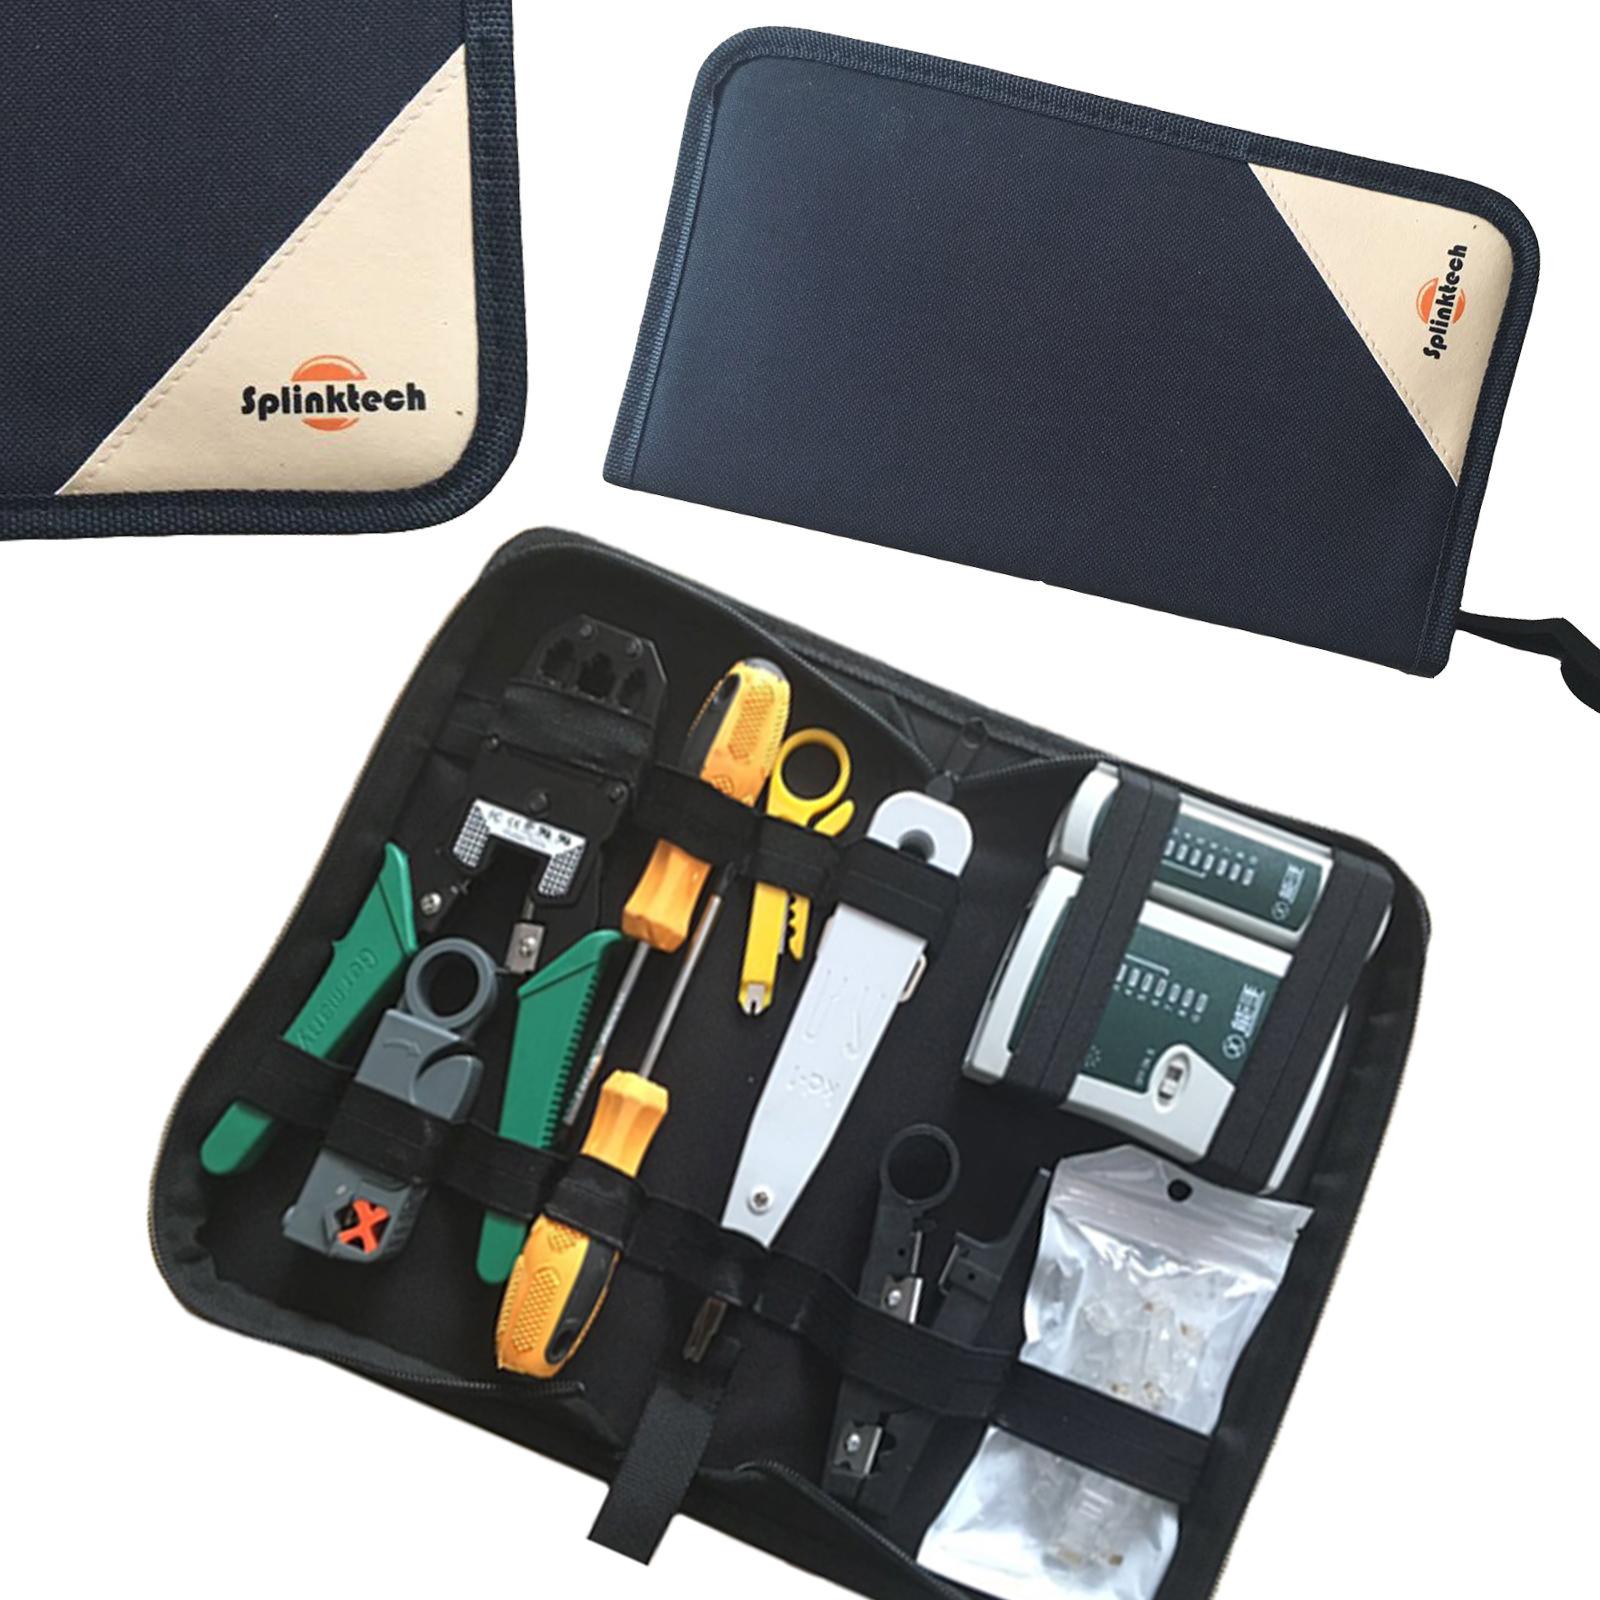 9pc rj45 rj11 crimper cable tester cutter punch tool screwdriver network kit set ebay. Black Bedroom Furniture Sets. Home Design Ideas